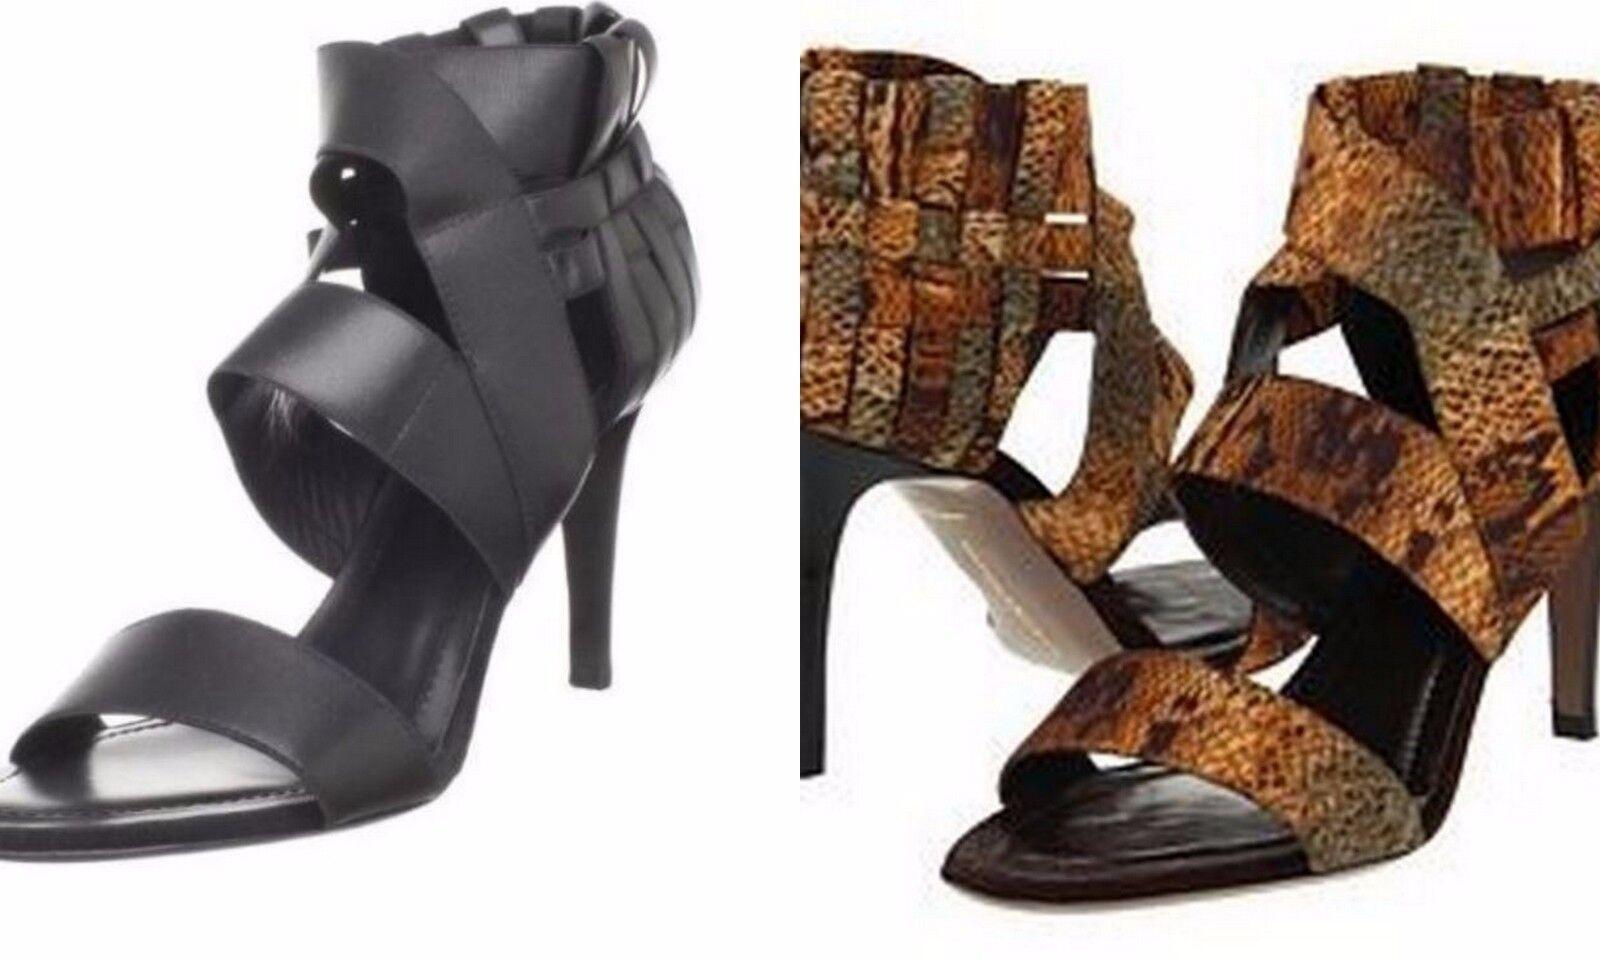 mujer Karan, Nueva York, Gela negra, tobillos, sandalias.